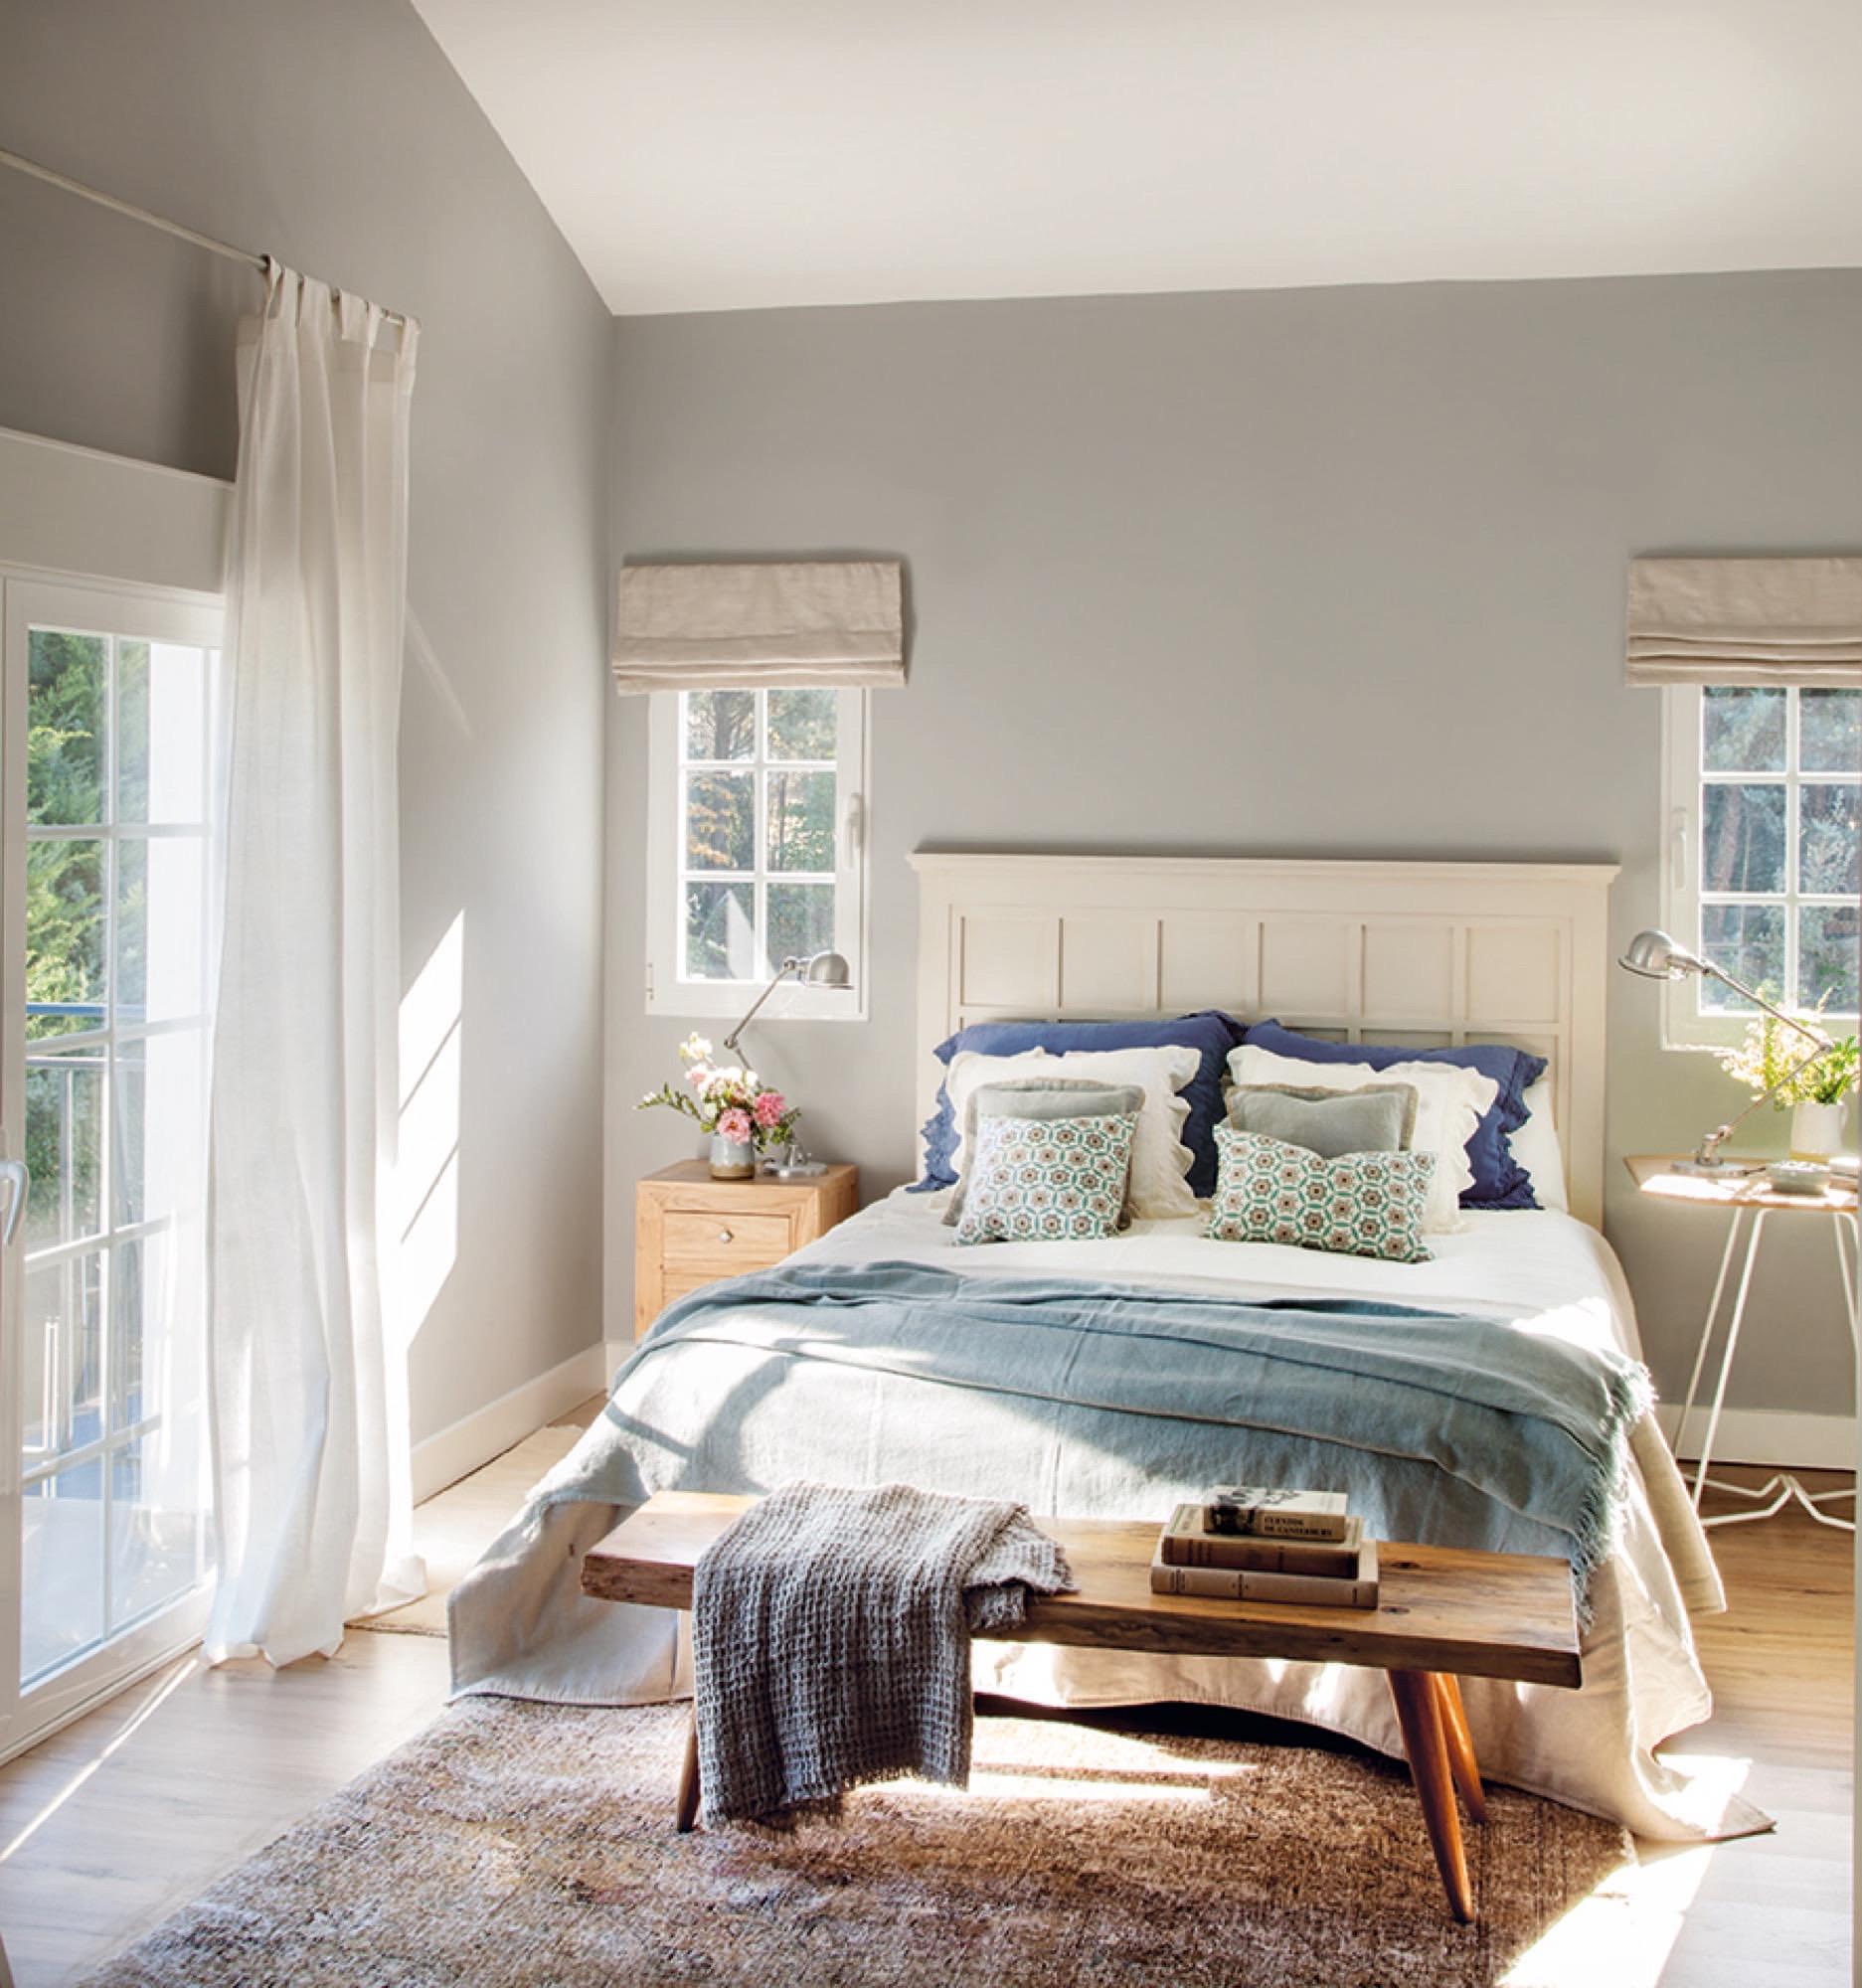 dormitorio con cabecero blanco y tonos azules